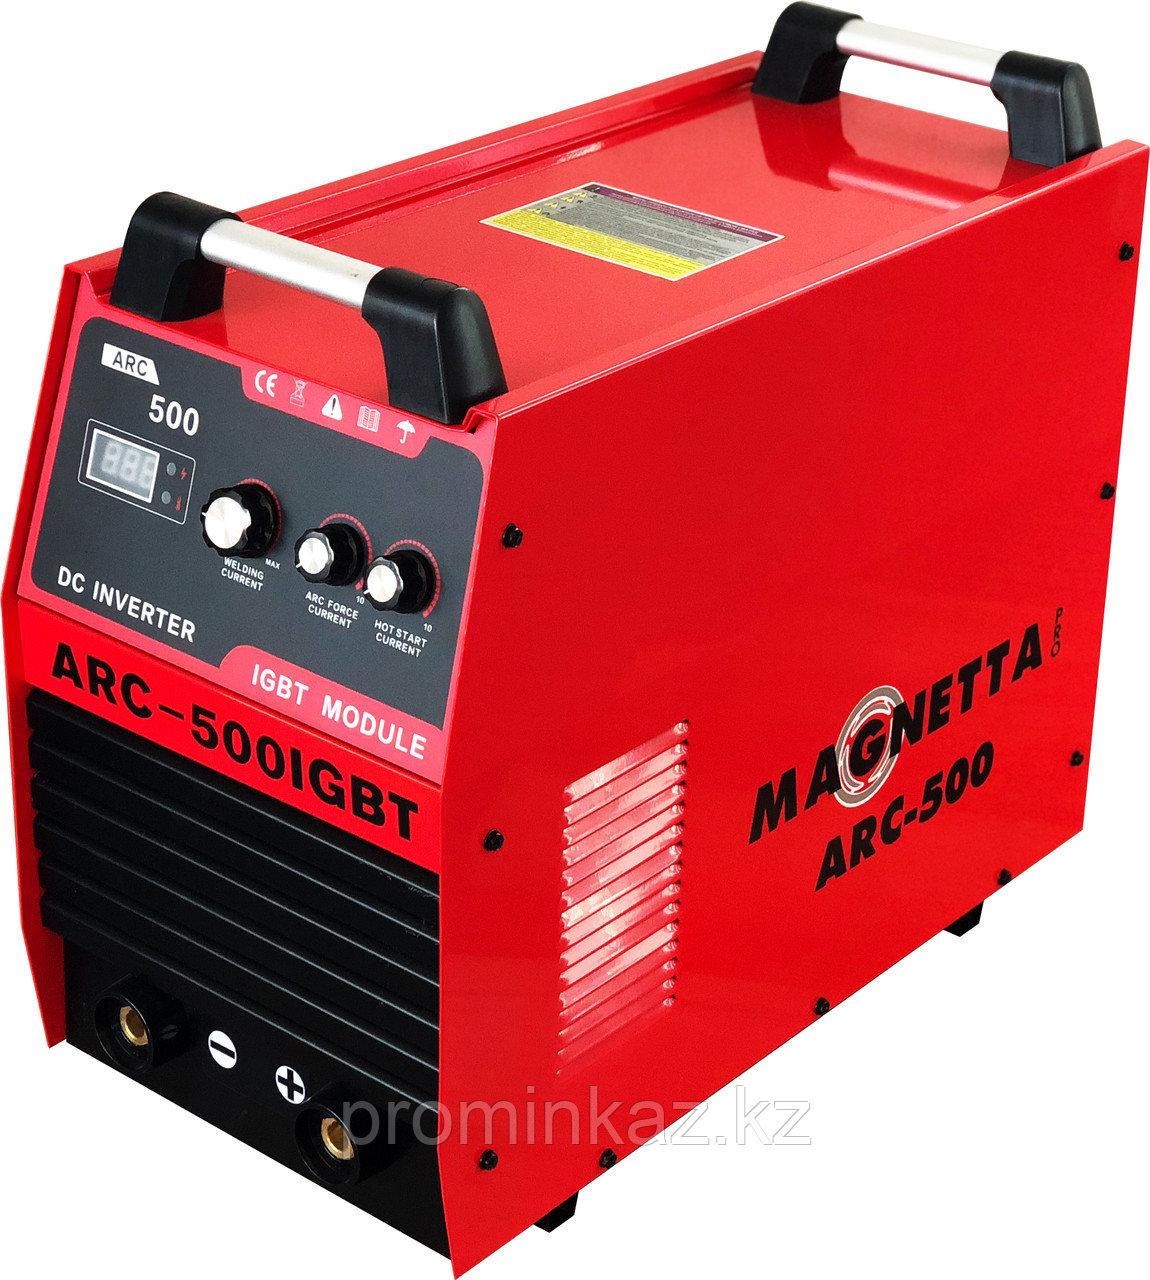 Инверторный сварочный аппарат MAGNETTA ARC-500 IGBT